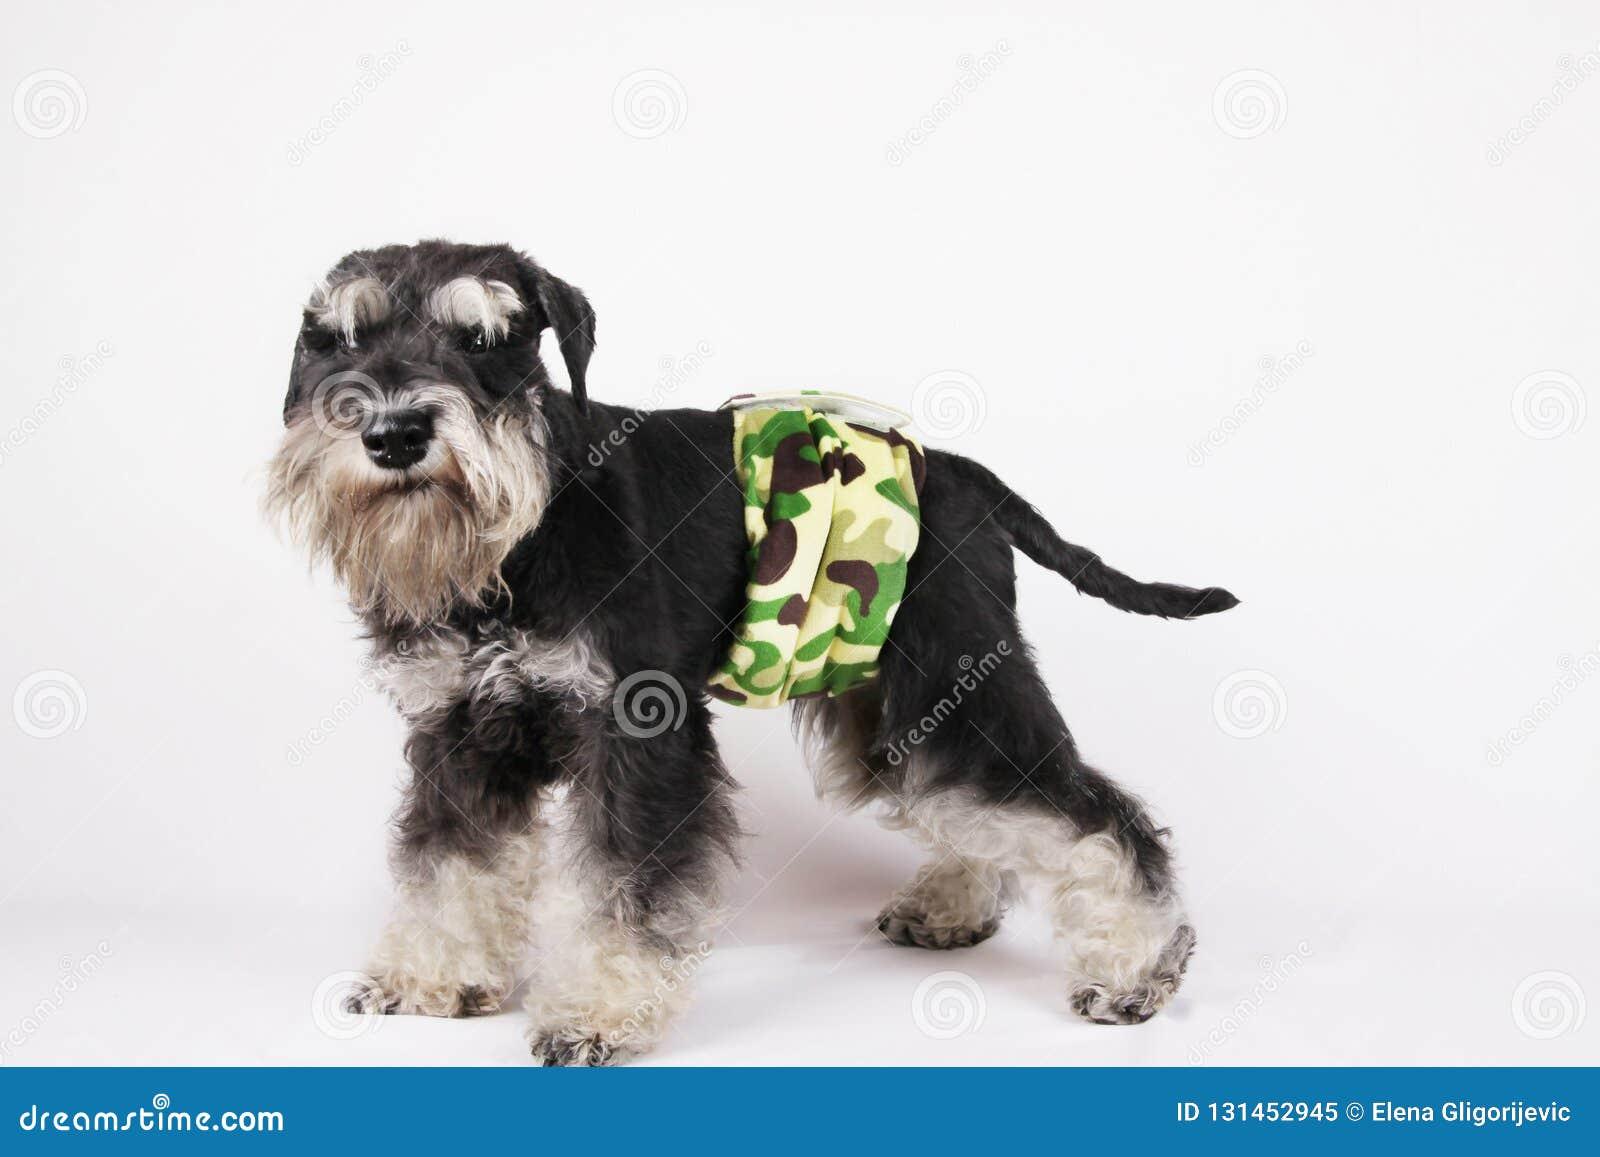 Σκυλί Schnauzer κουταβιών στην πάνα κατουρήματος που εξασφαλίζεται γύρω από τη μέση του για να τον κρατήσει από την ούρηση στο σπ